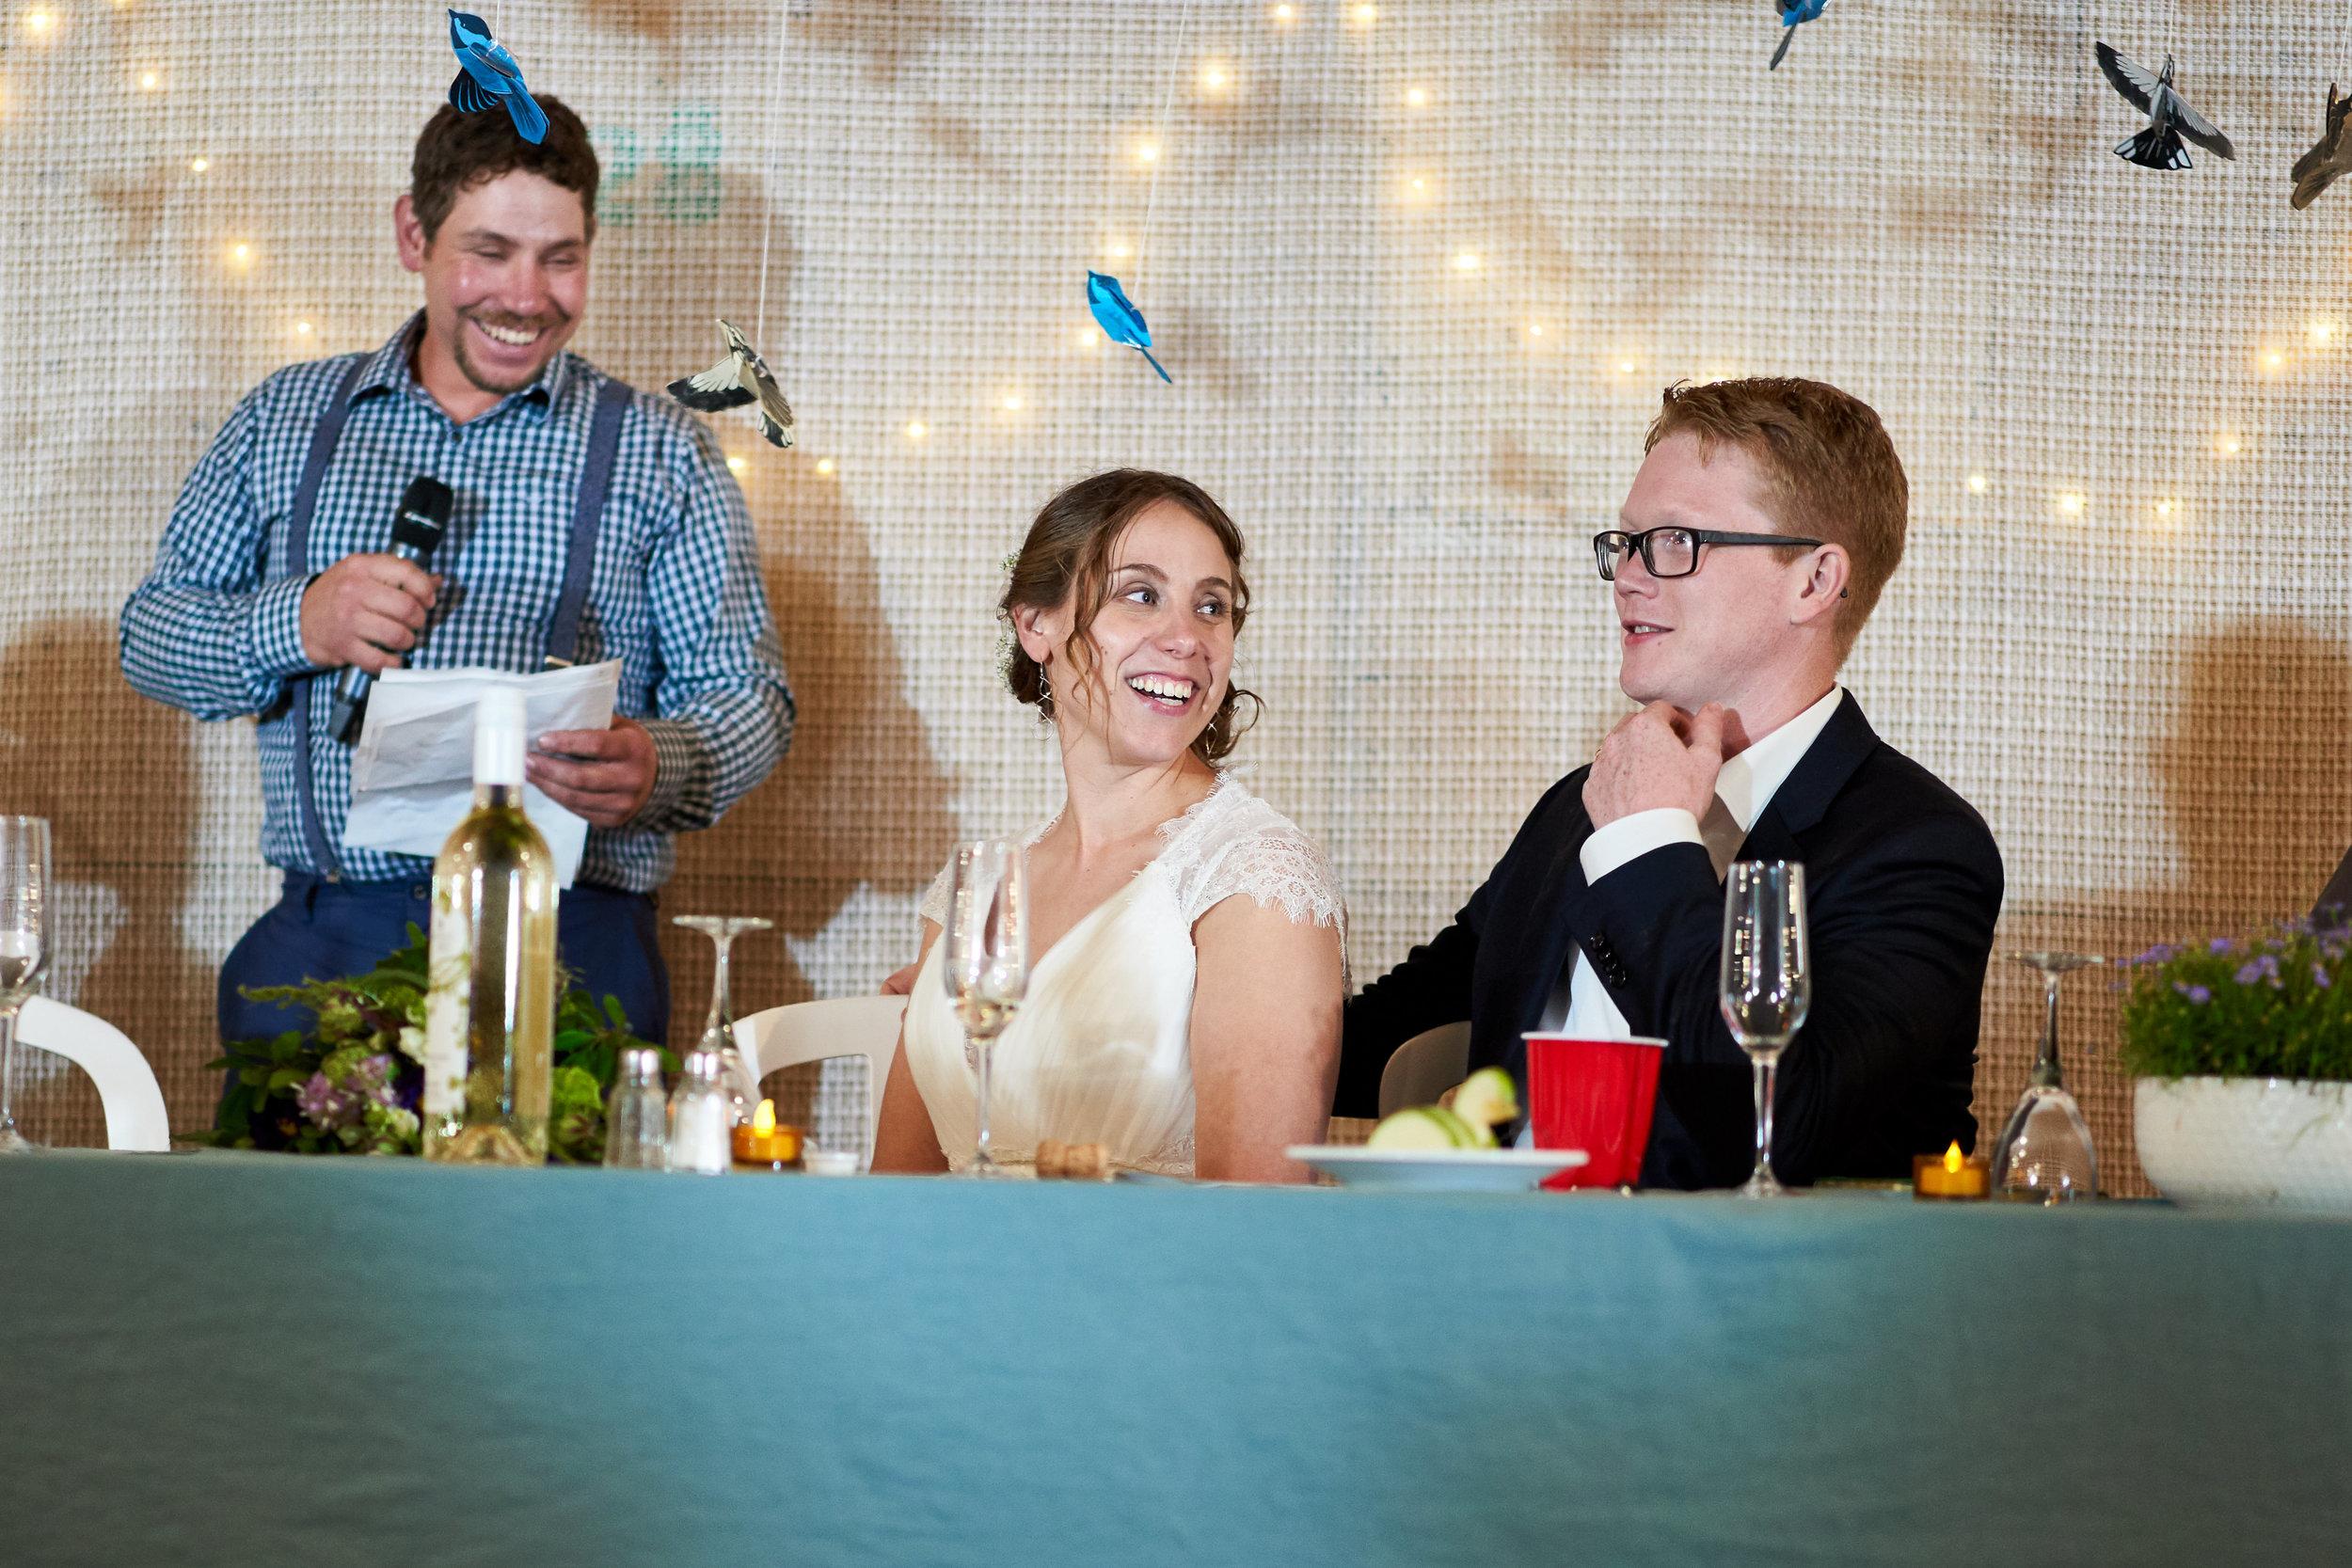 Amy-Lee & James' Wedding 751.jpg